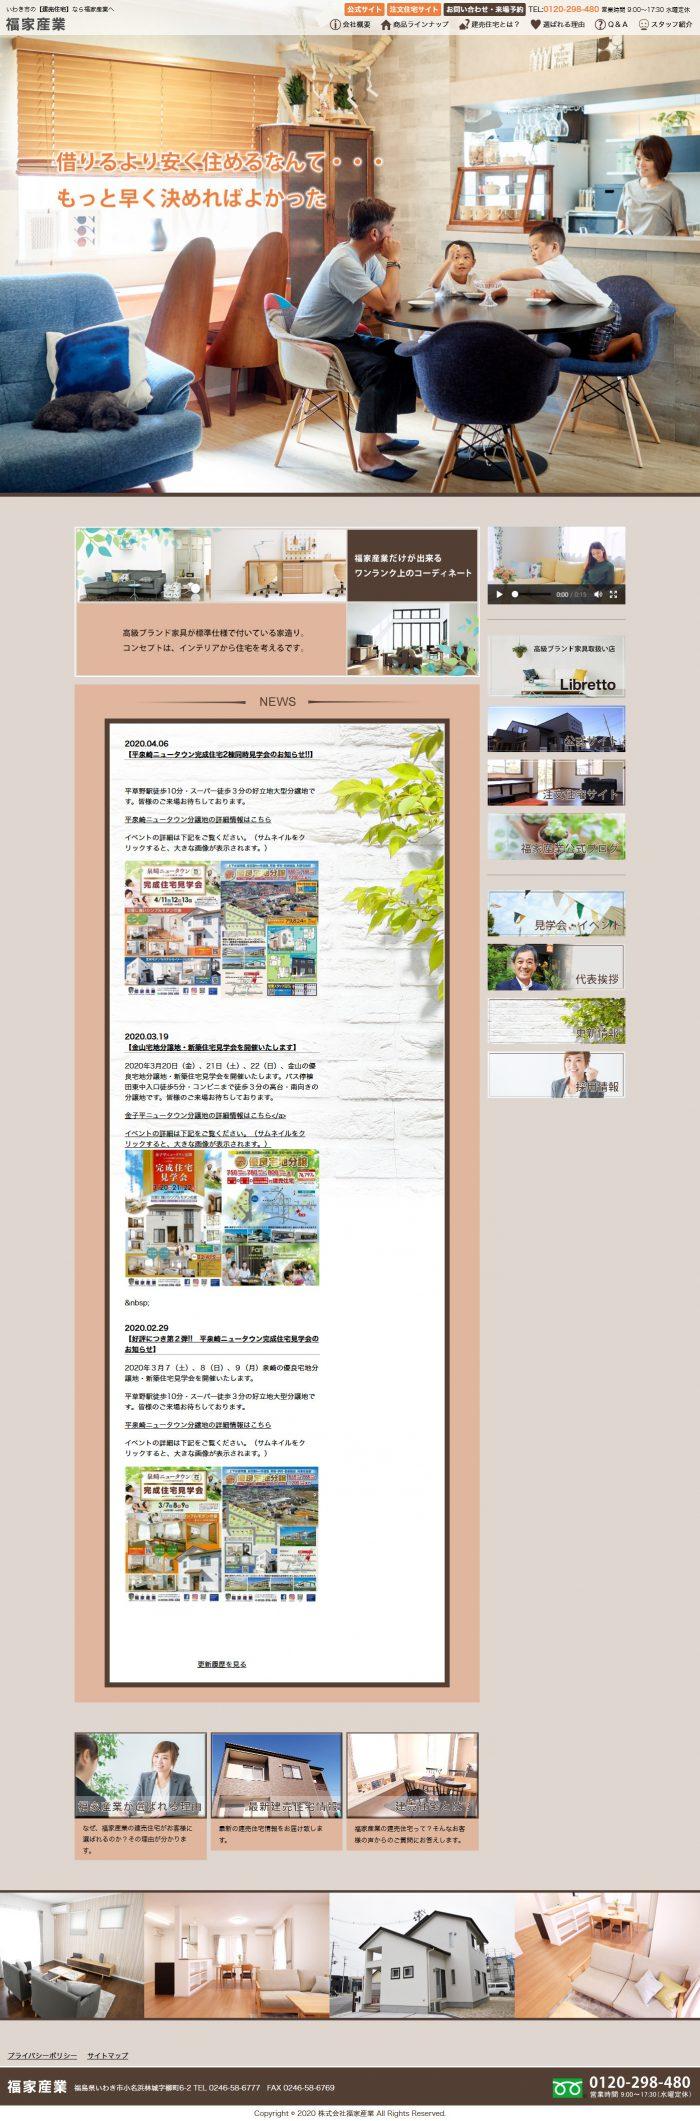 株式会社福家産業 様 建売住宅専門サイト